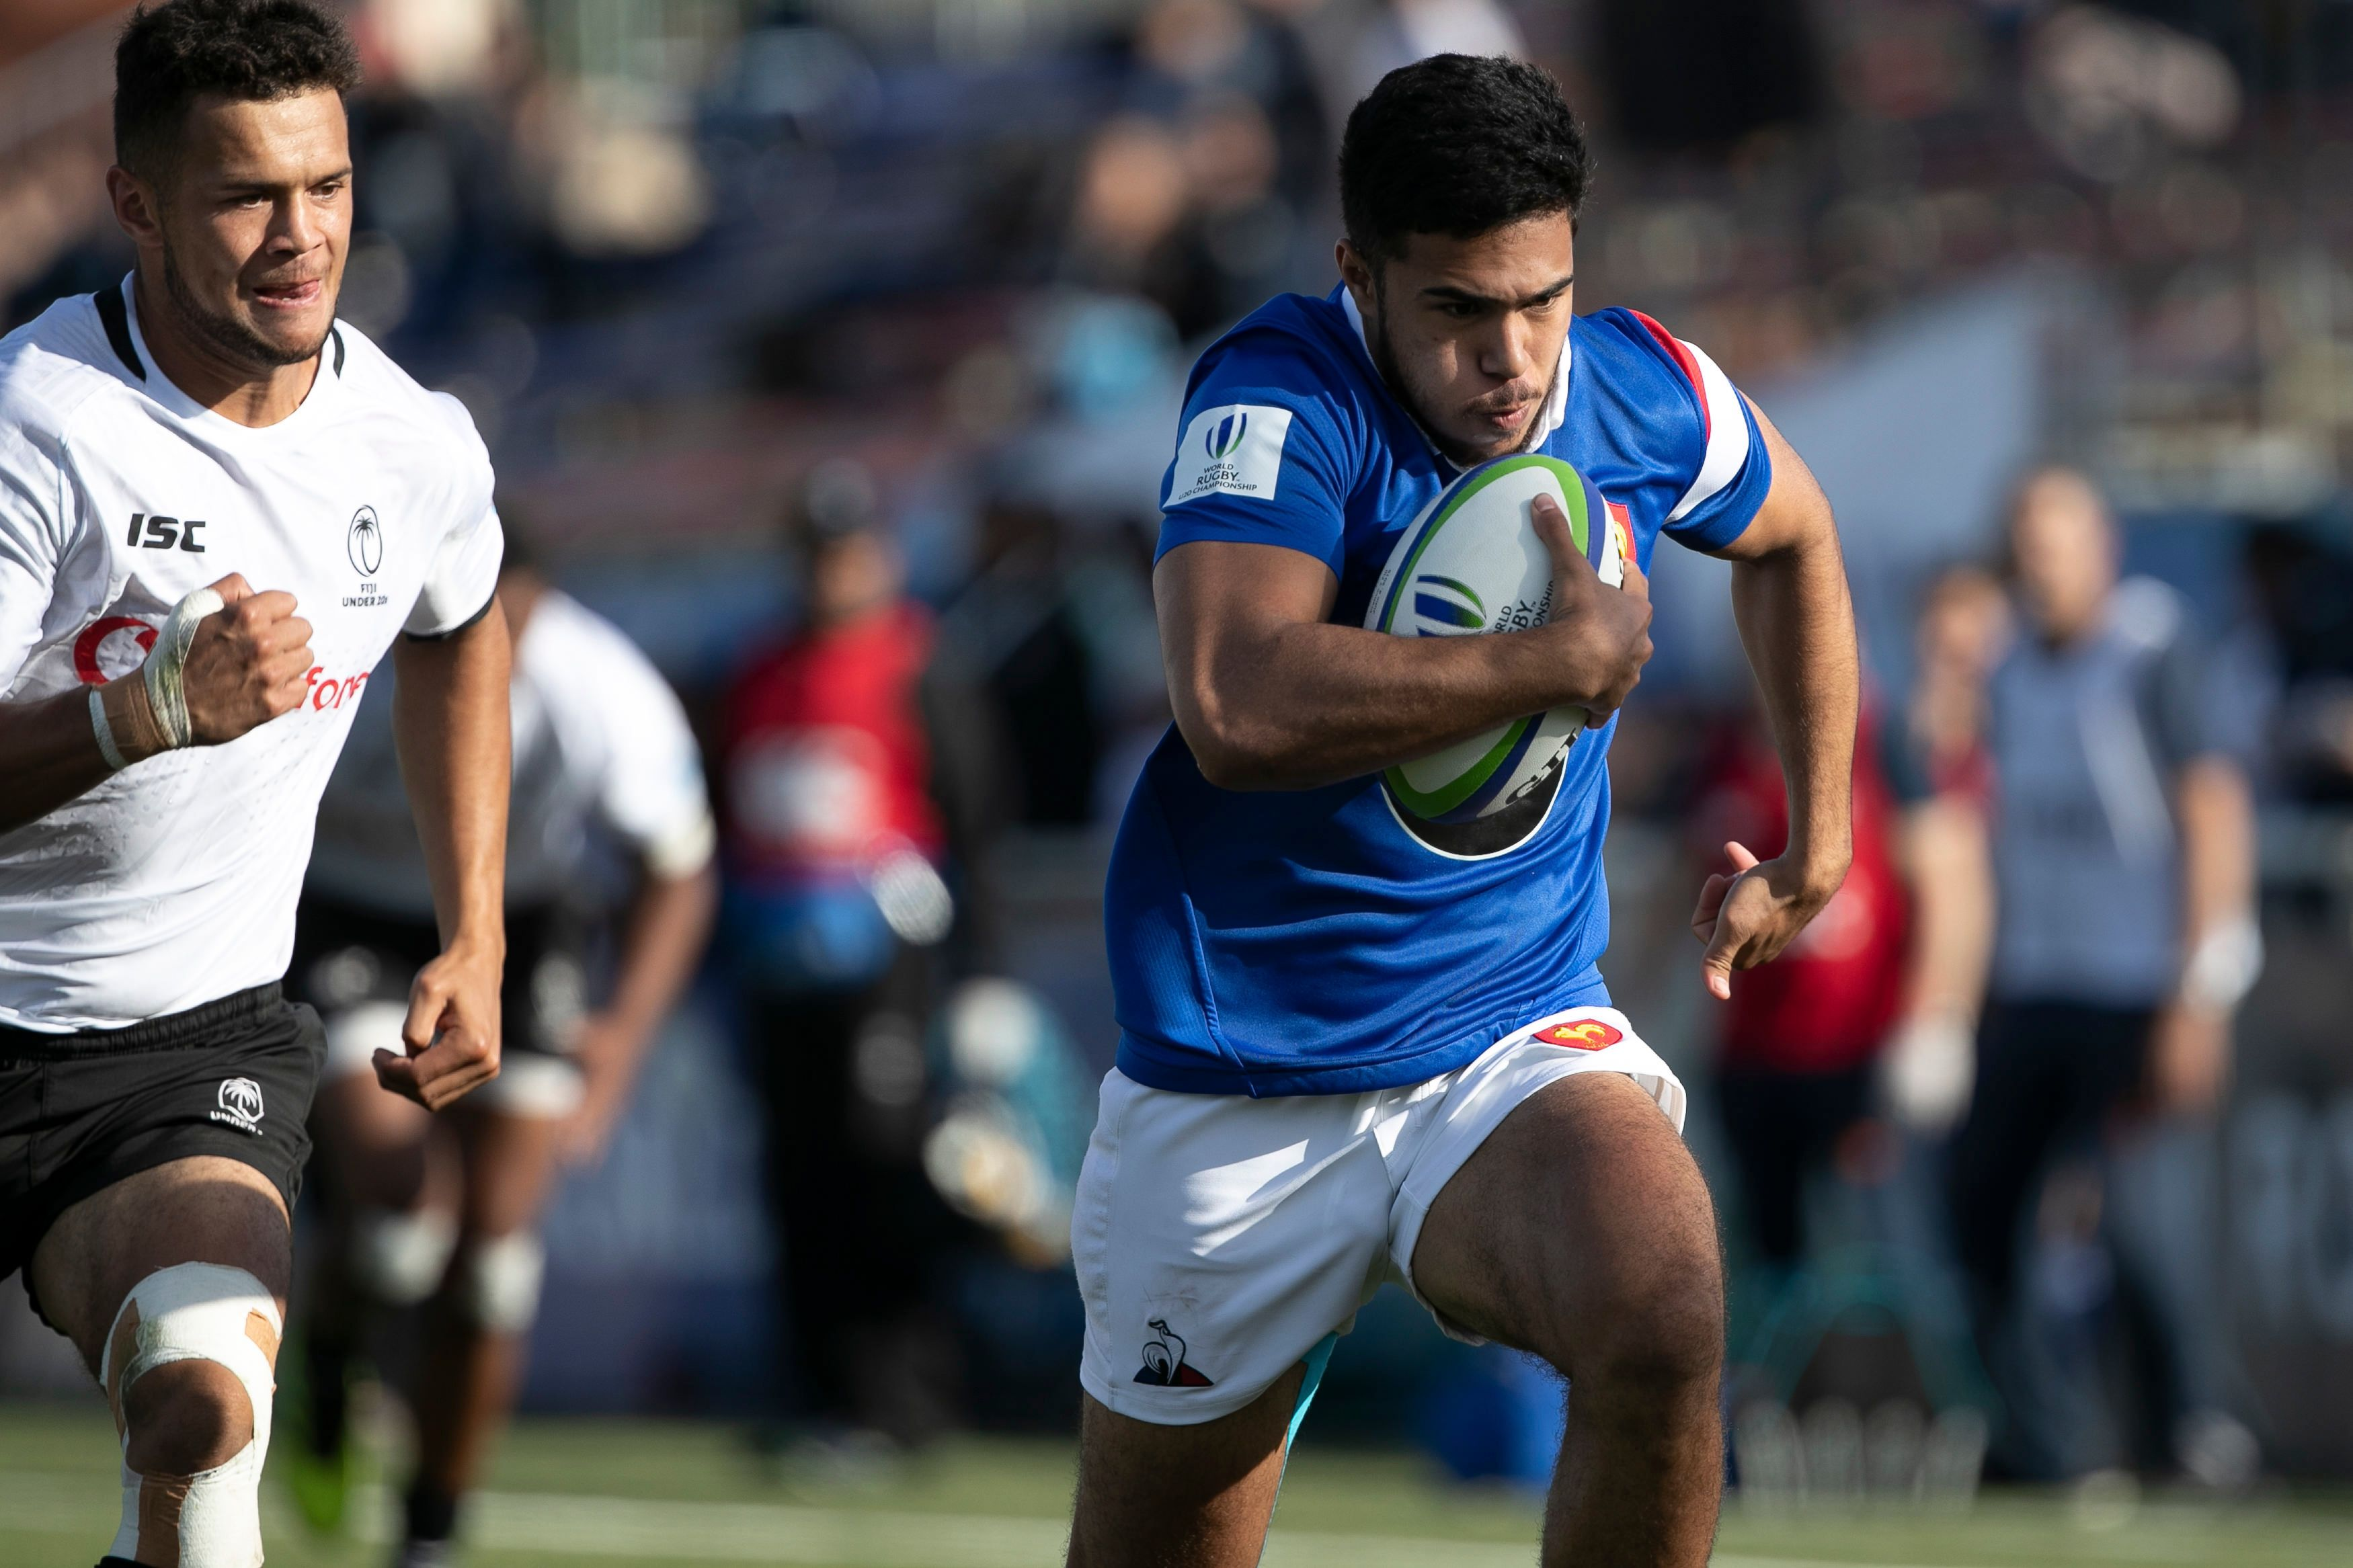 Rugby - XV de France - L'équipe de France U20 de rugby débute par une victoire au Mondial